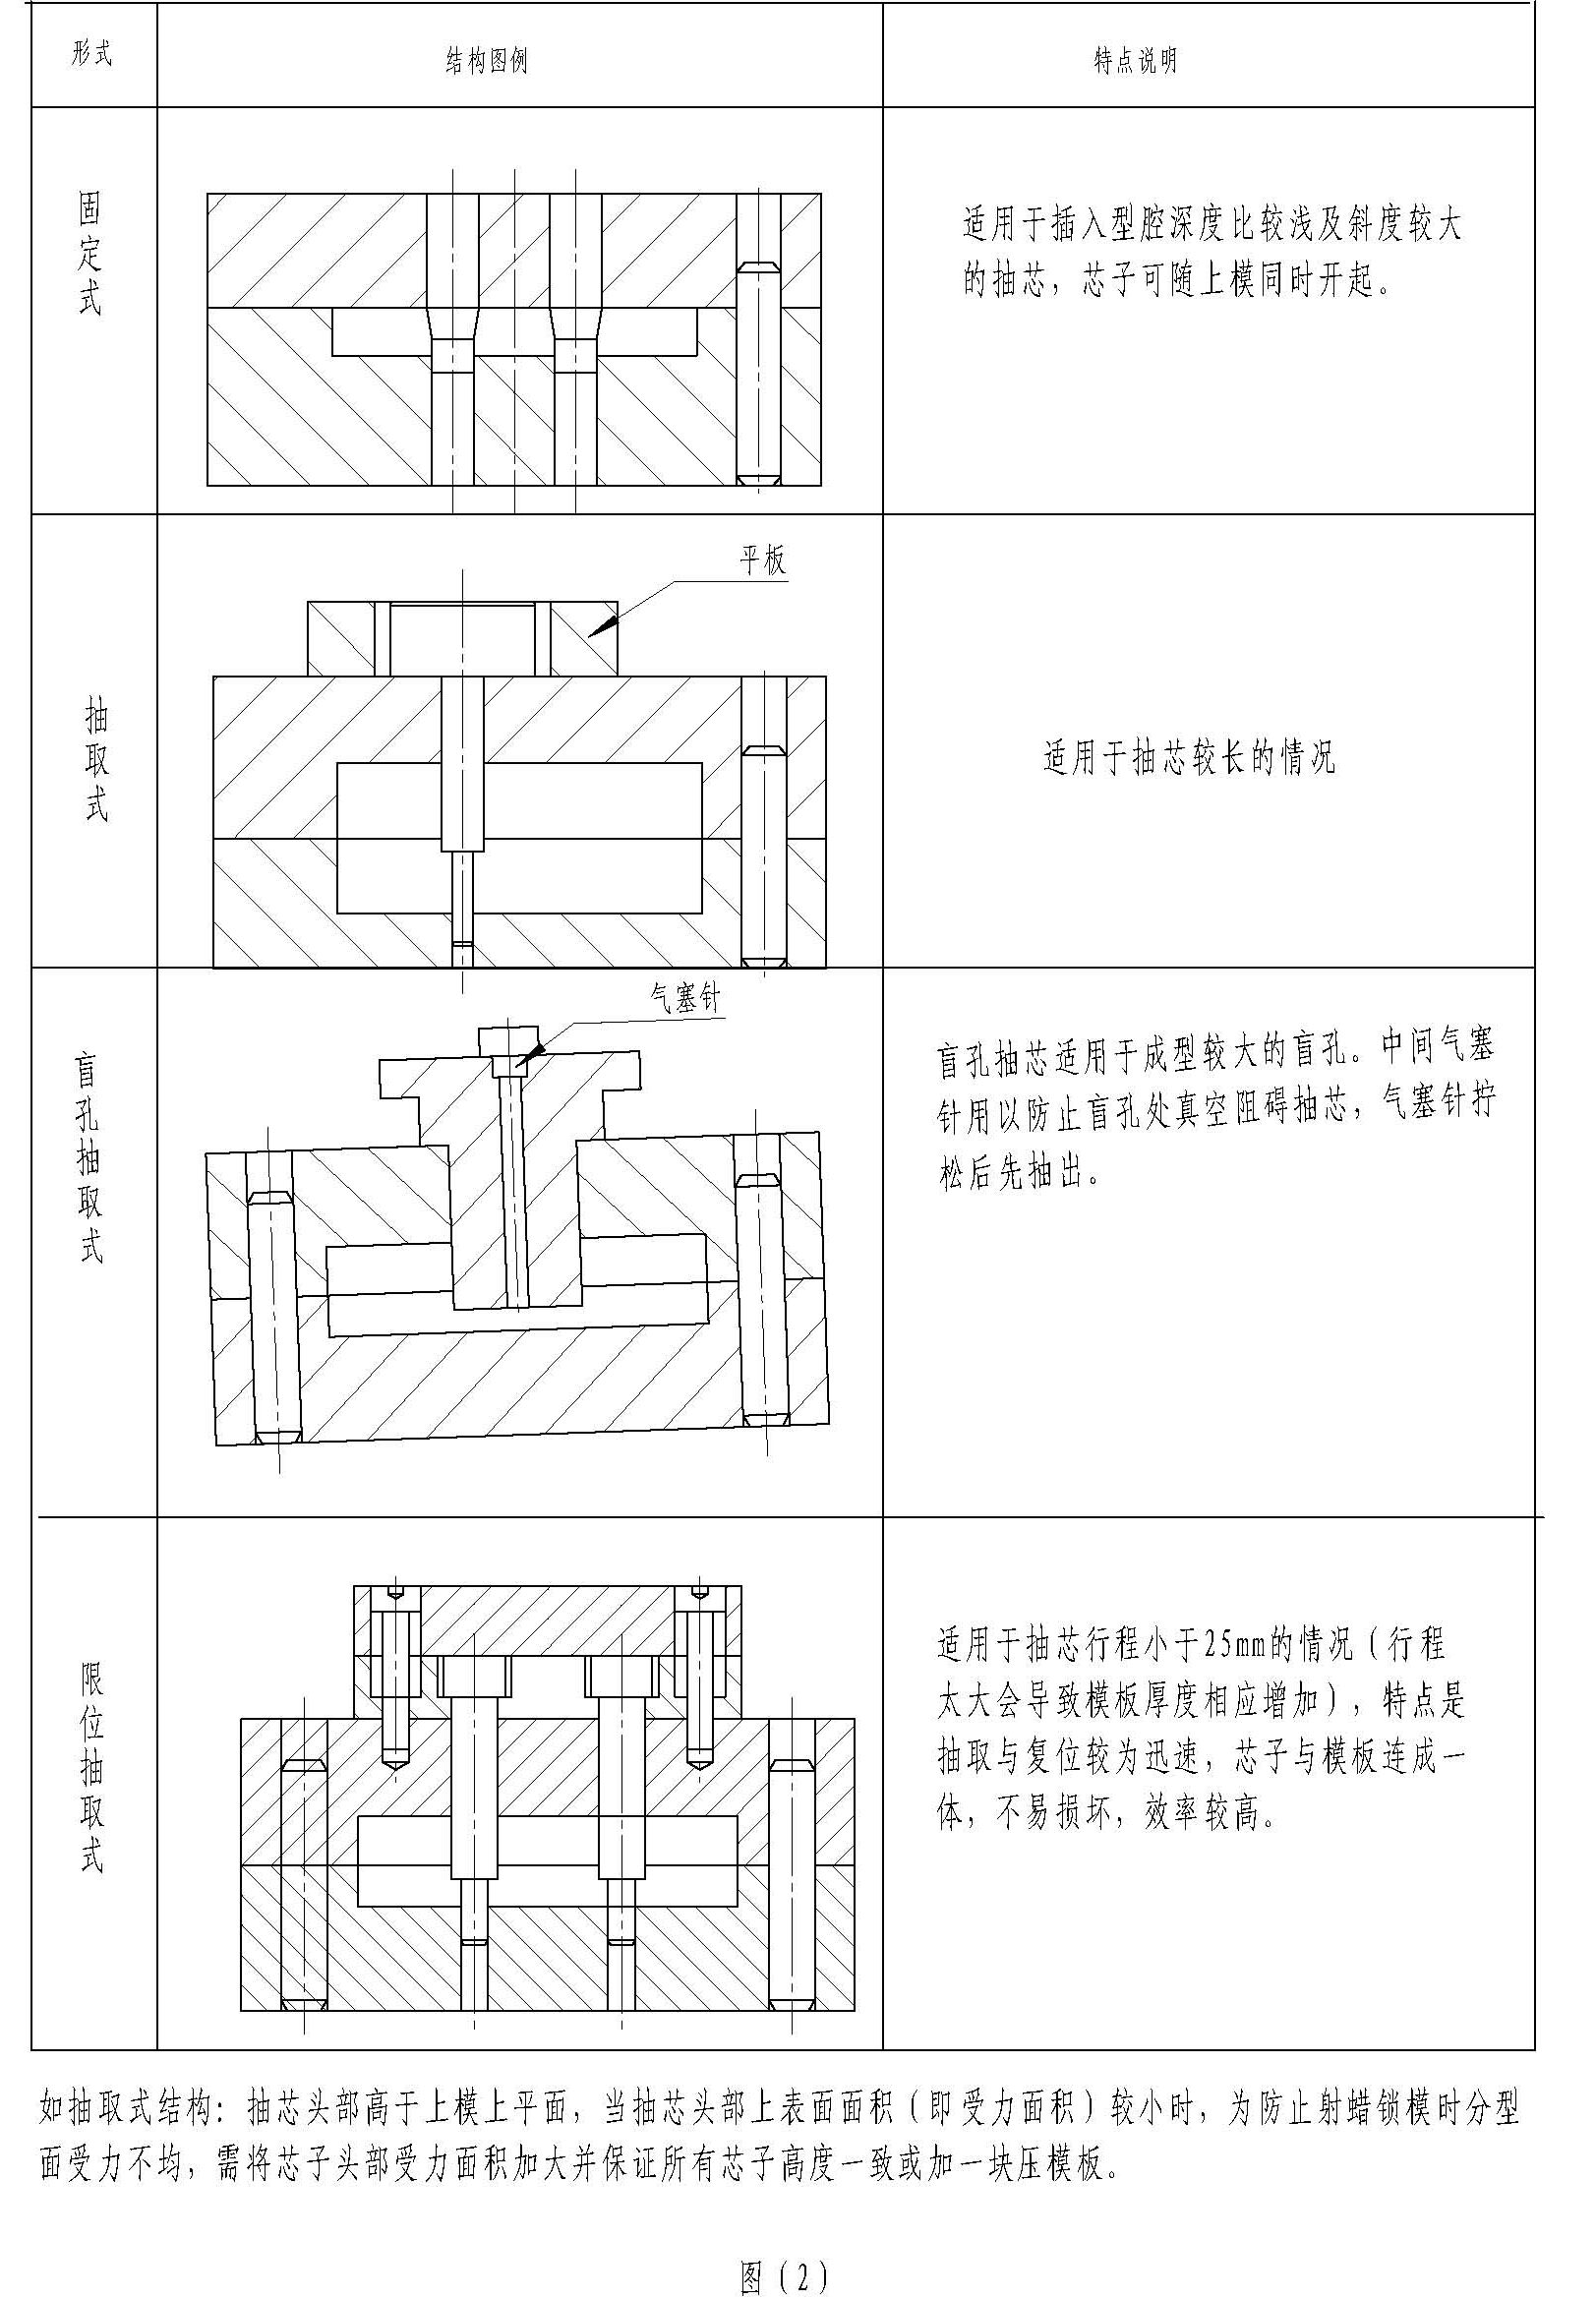 模具的抽芯  结构要求易于抽出,有合理的限位结构,主要有以下形式:  2